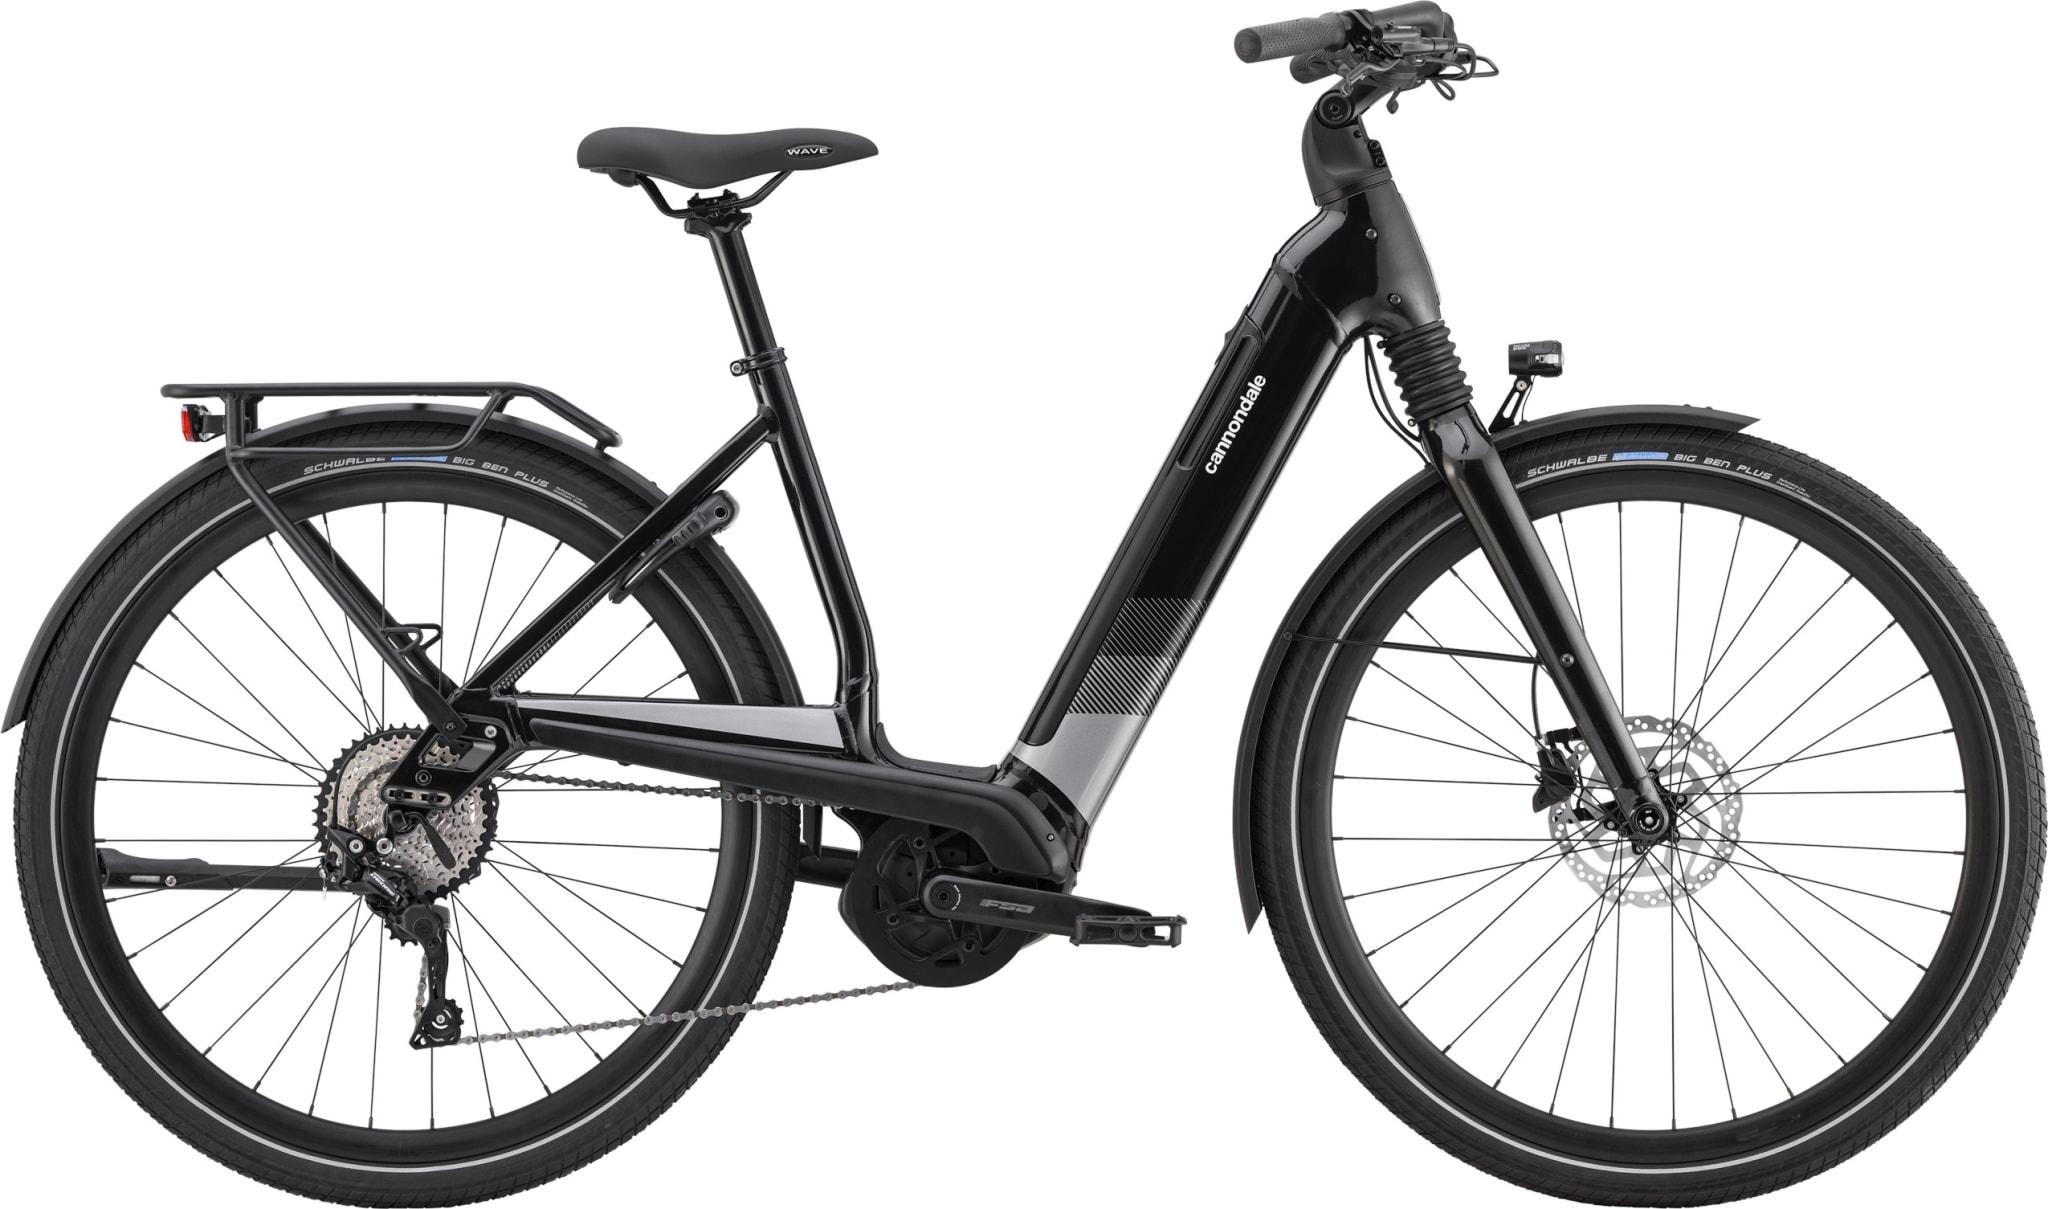 Konstruert for å gi deg den mest behagelige sykkelturen